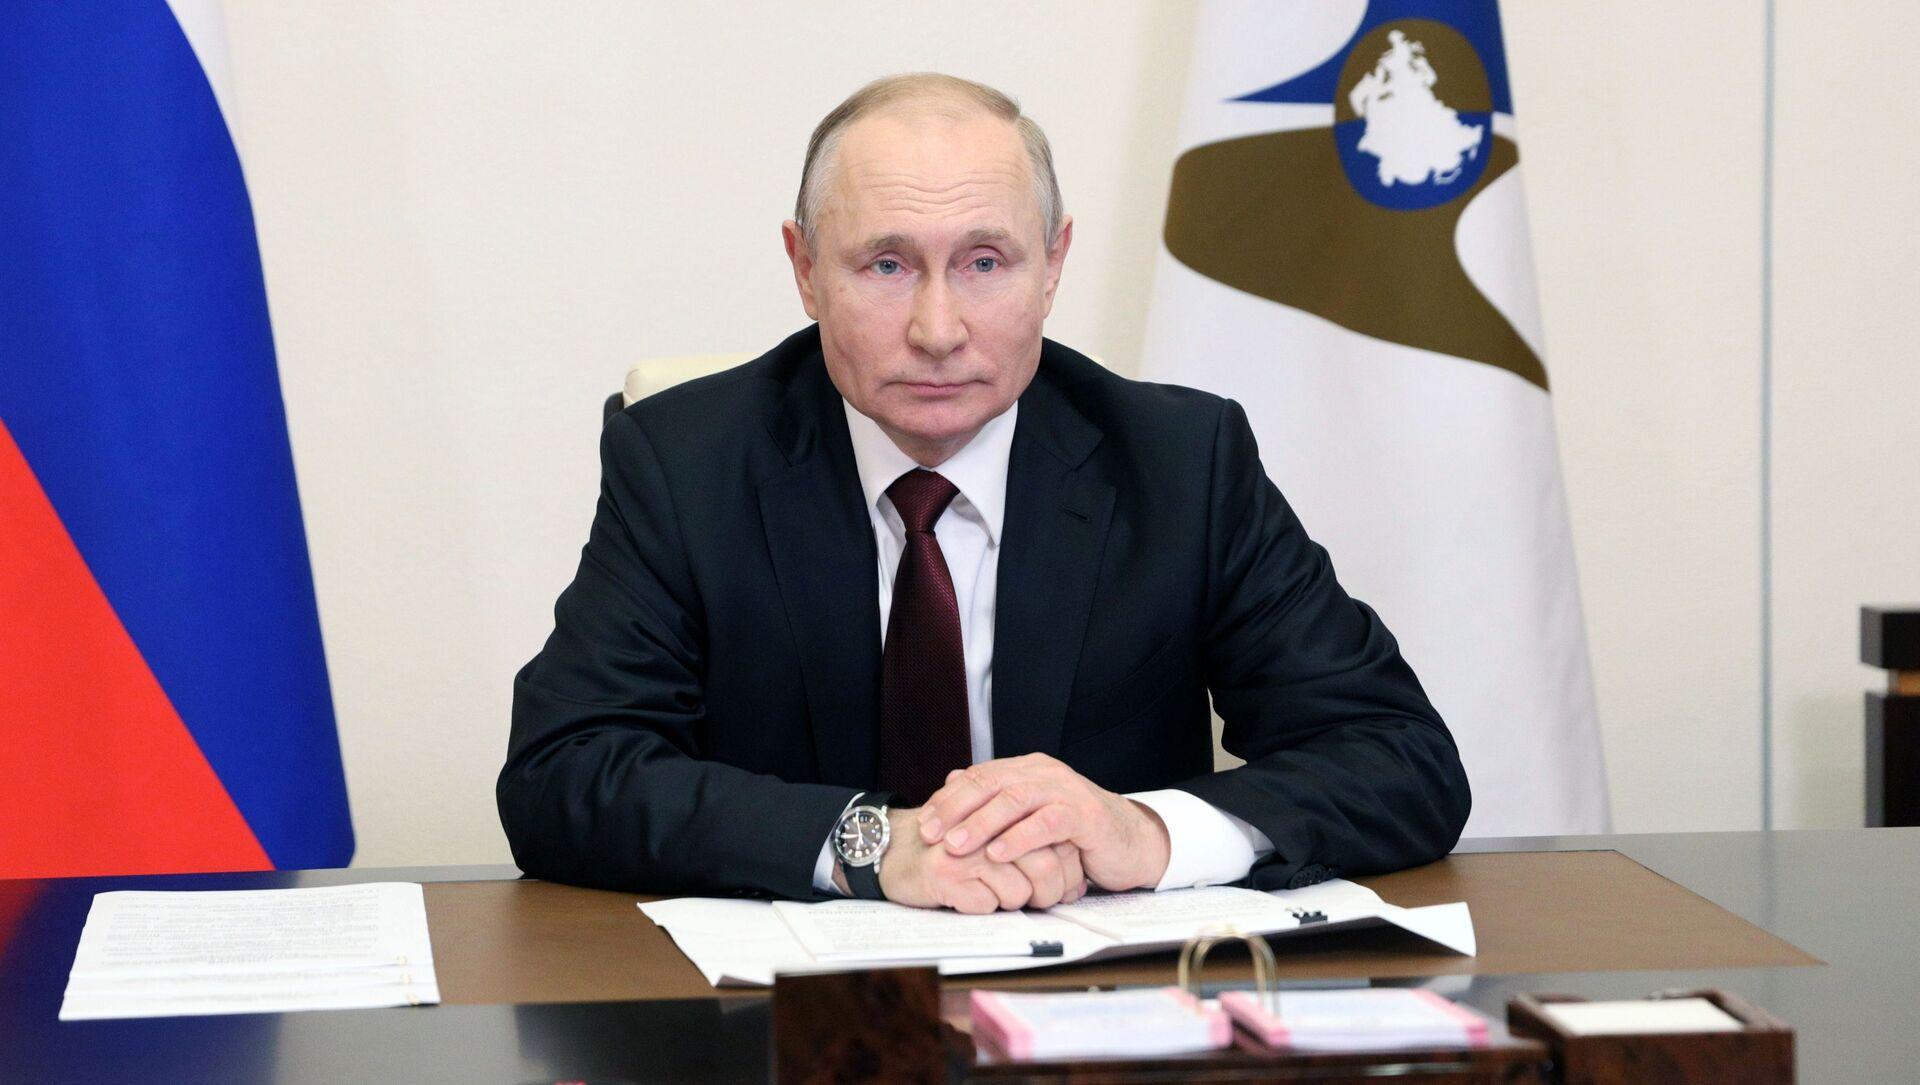 Президент России Владимир Путин принял участие в заседании Высшего Евразийского экономического совета - Sputnik Беларусь, 1920, 21.05.2021